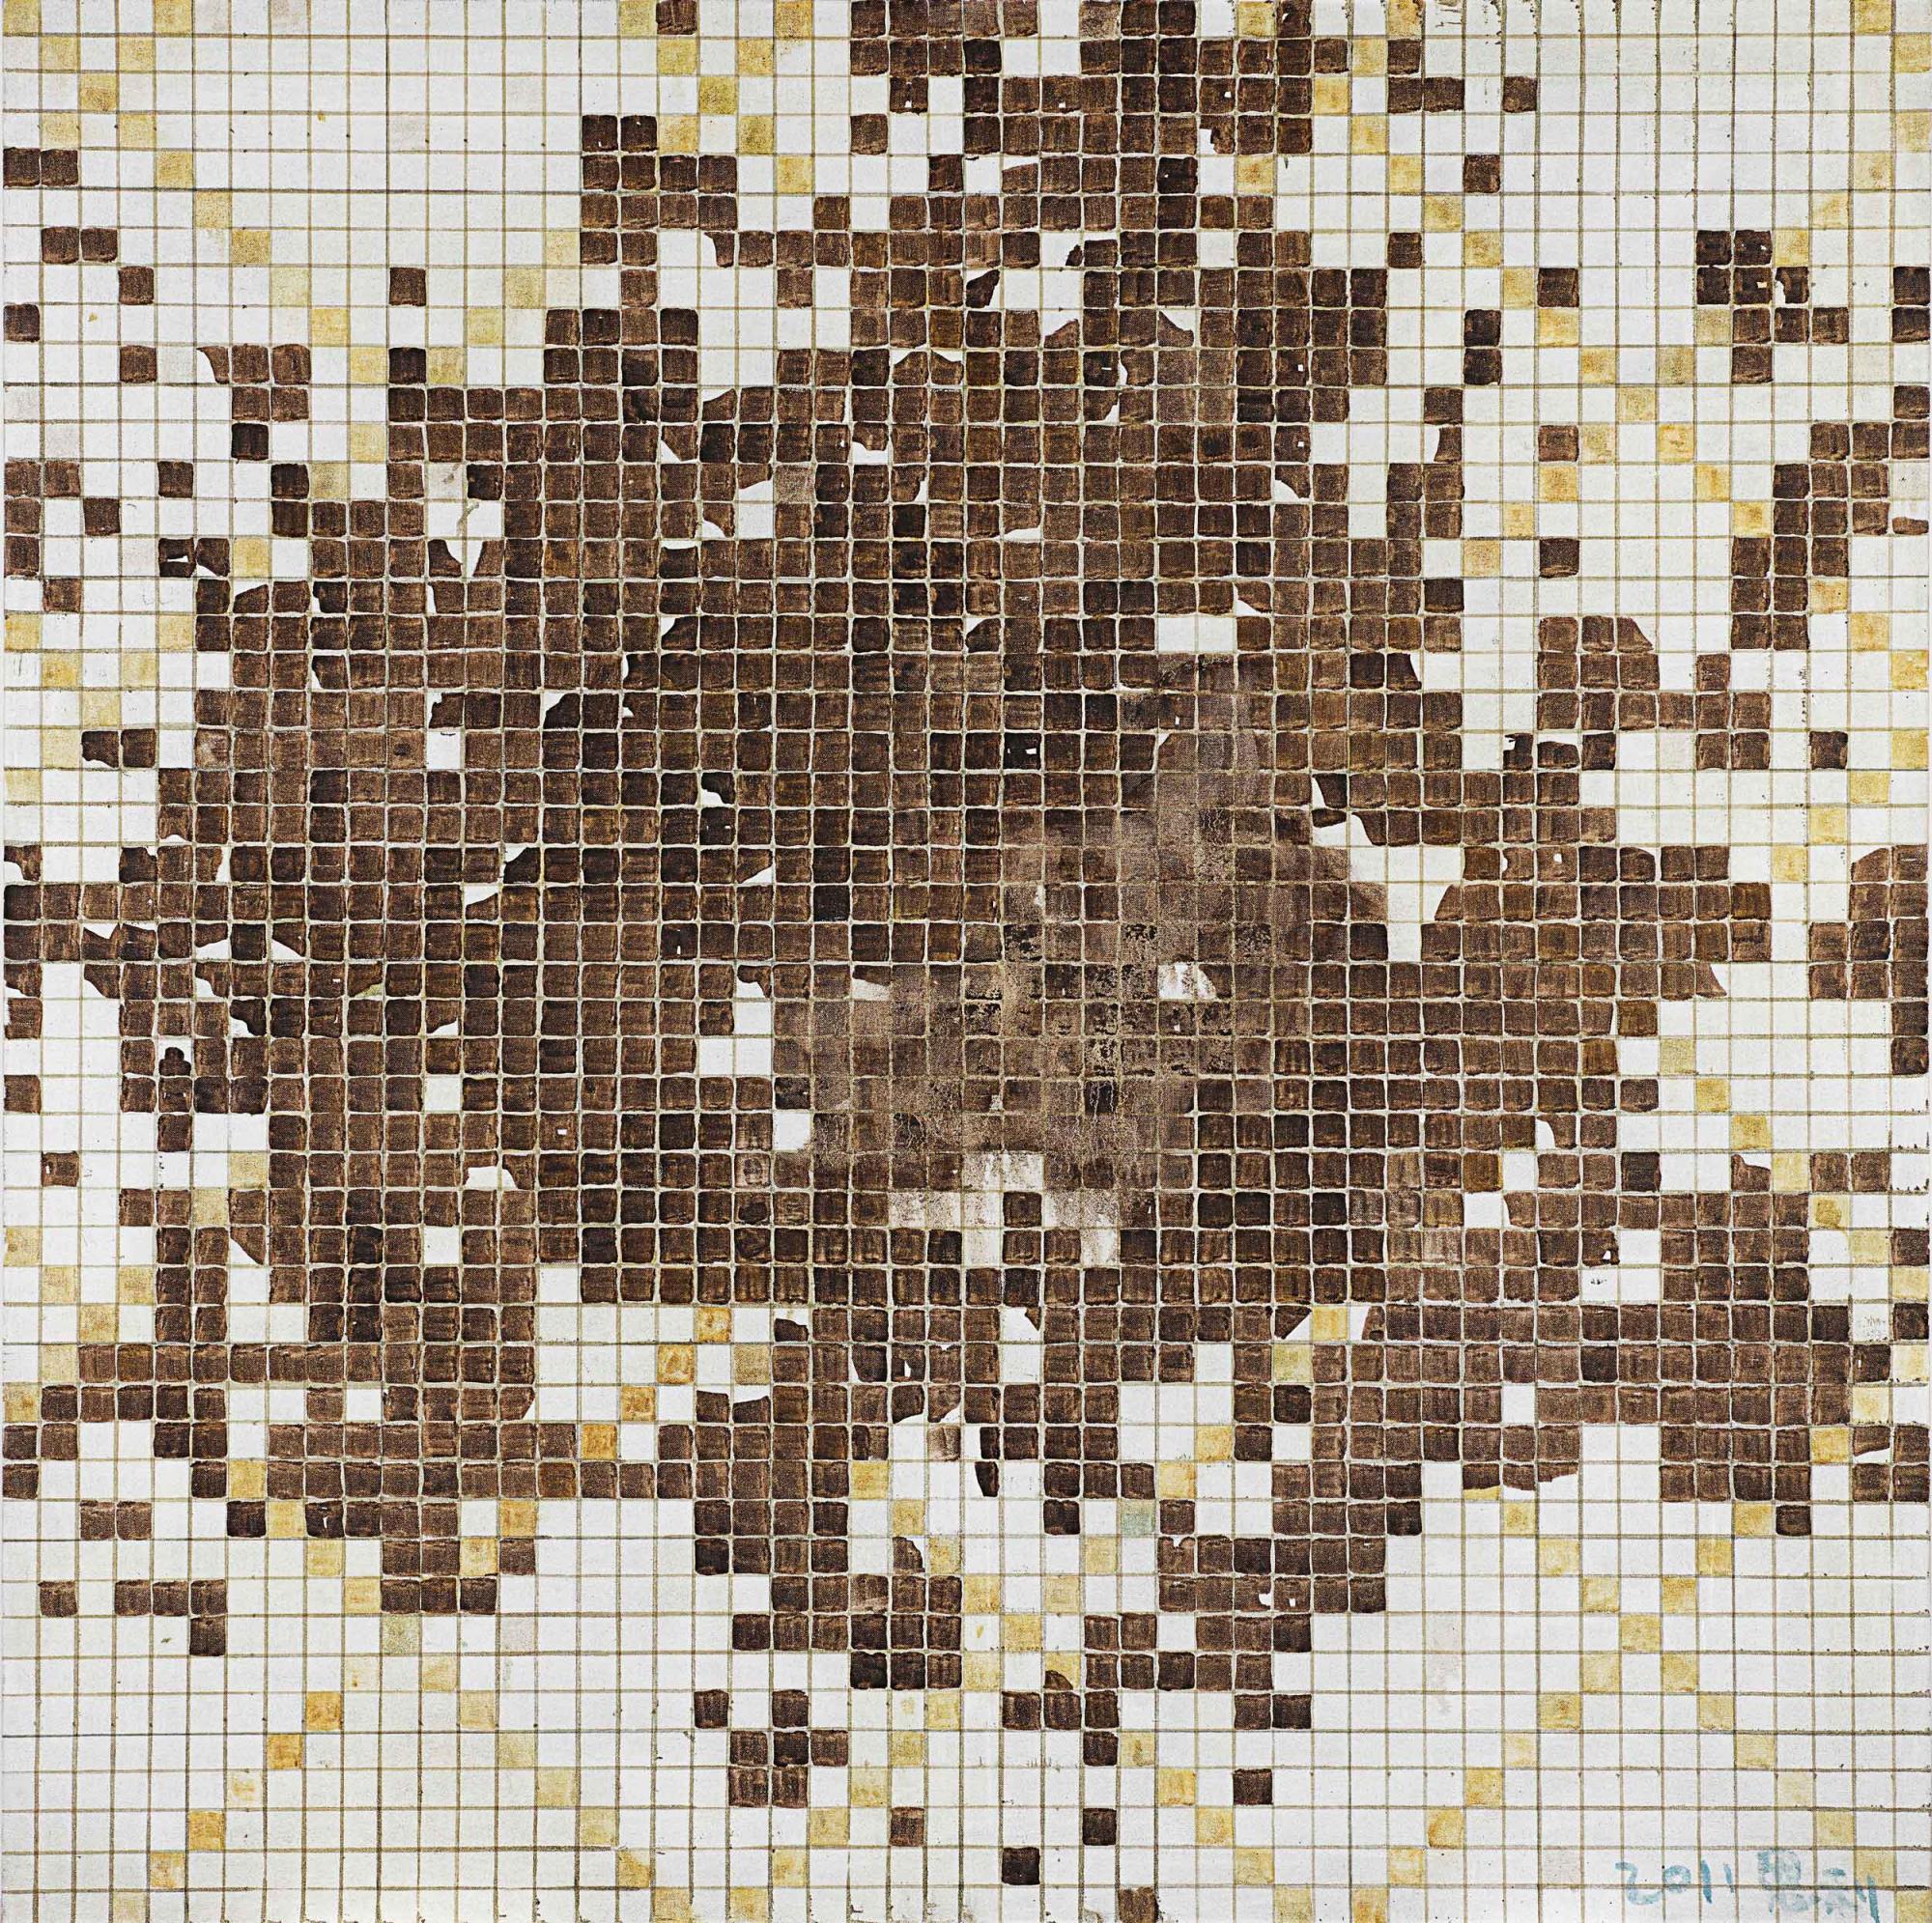 張恩利《剝落的馬賽克3號》 2011年作,油畫畫布, 150 x 150 公分 估價:1,300,000 - 2,700,000港元